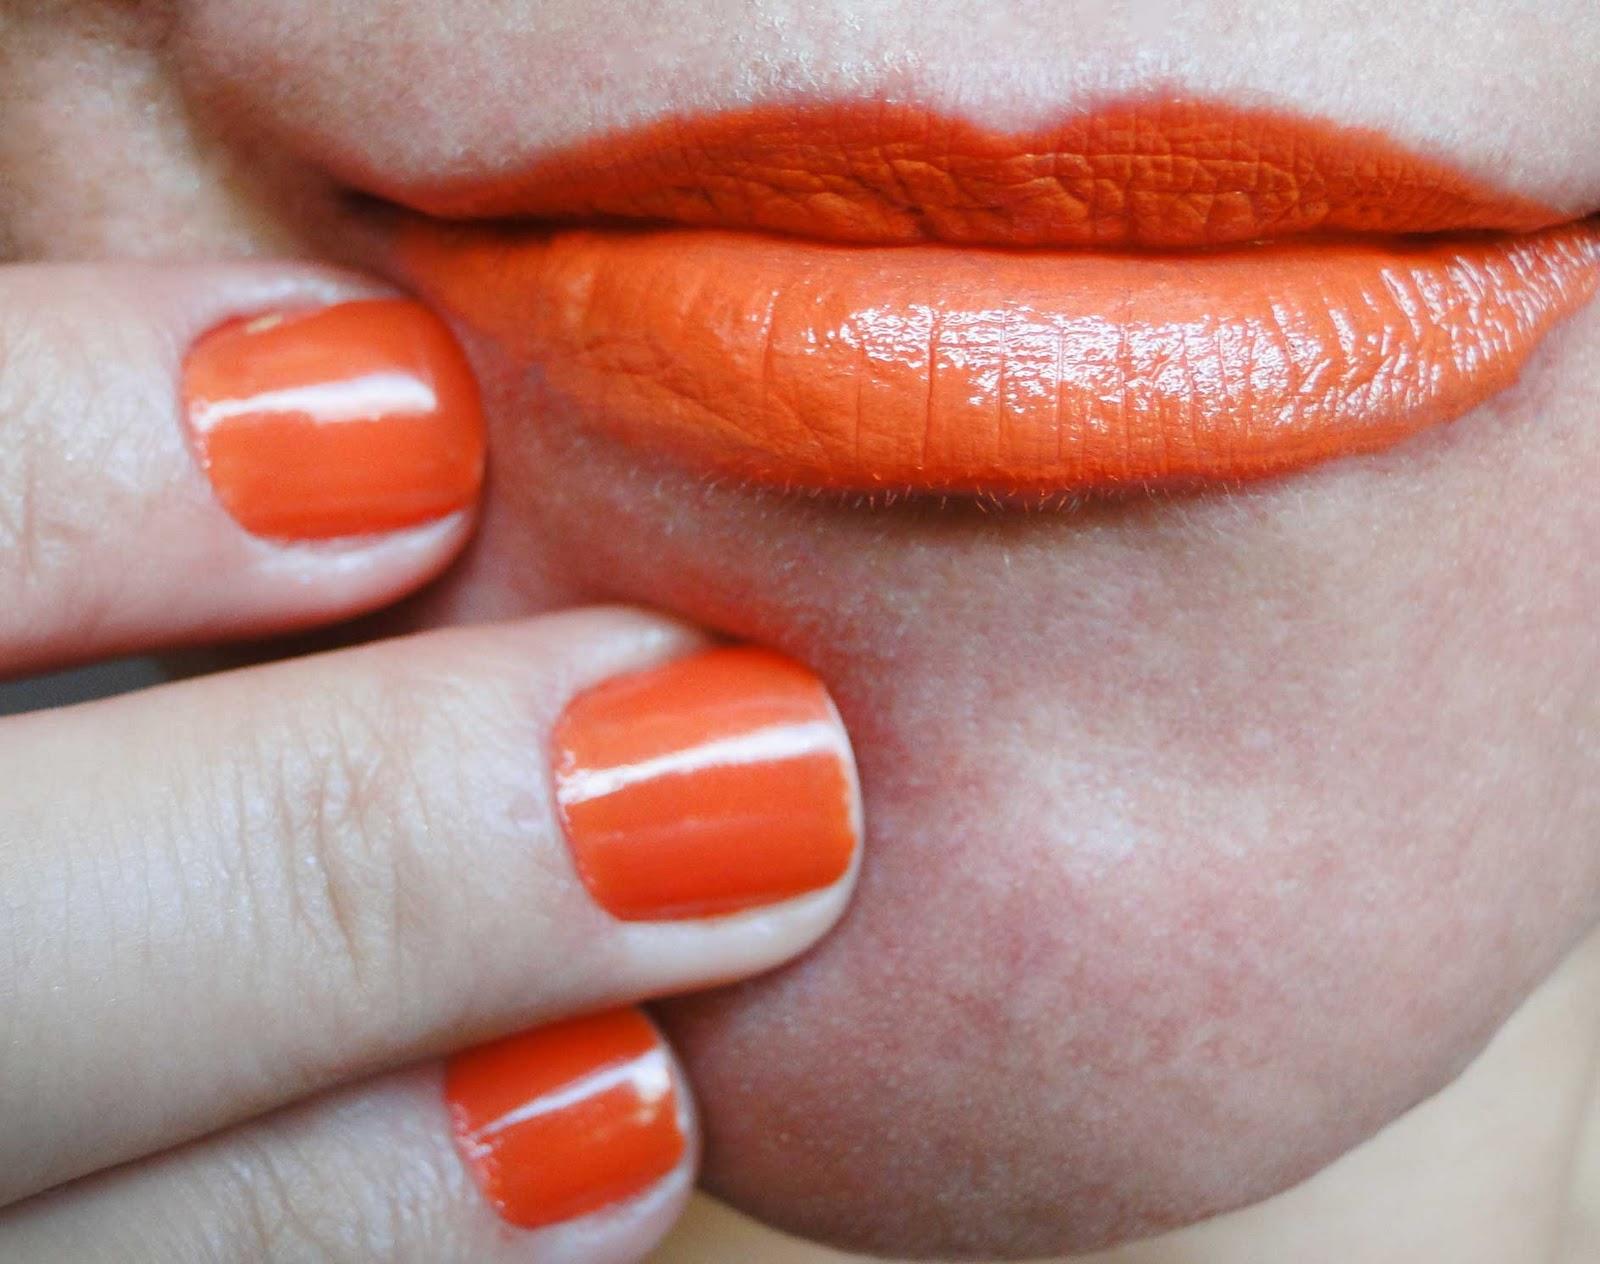 verniz para unhas laranja Clasf